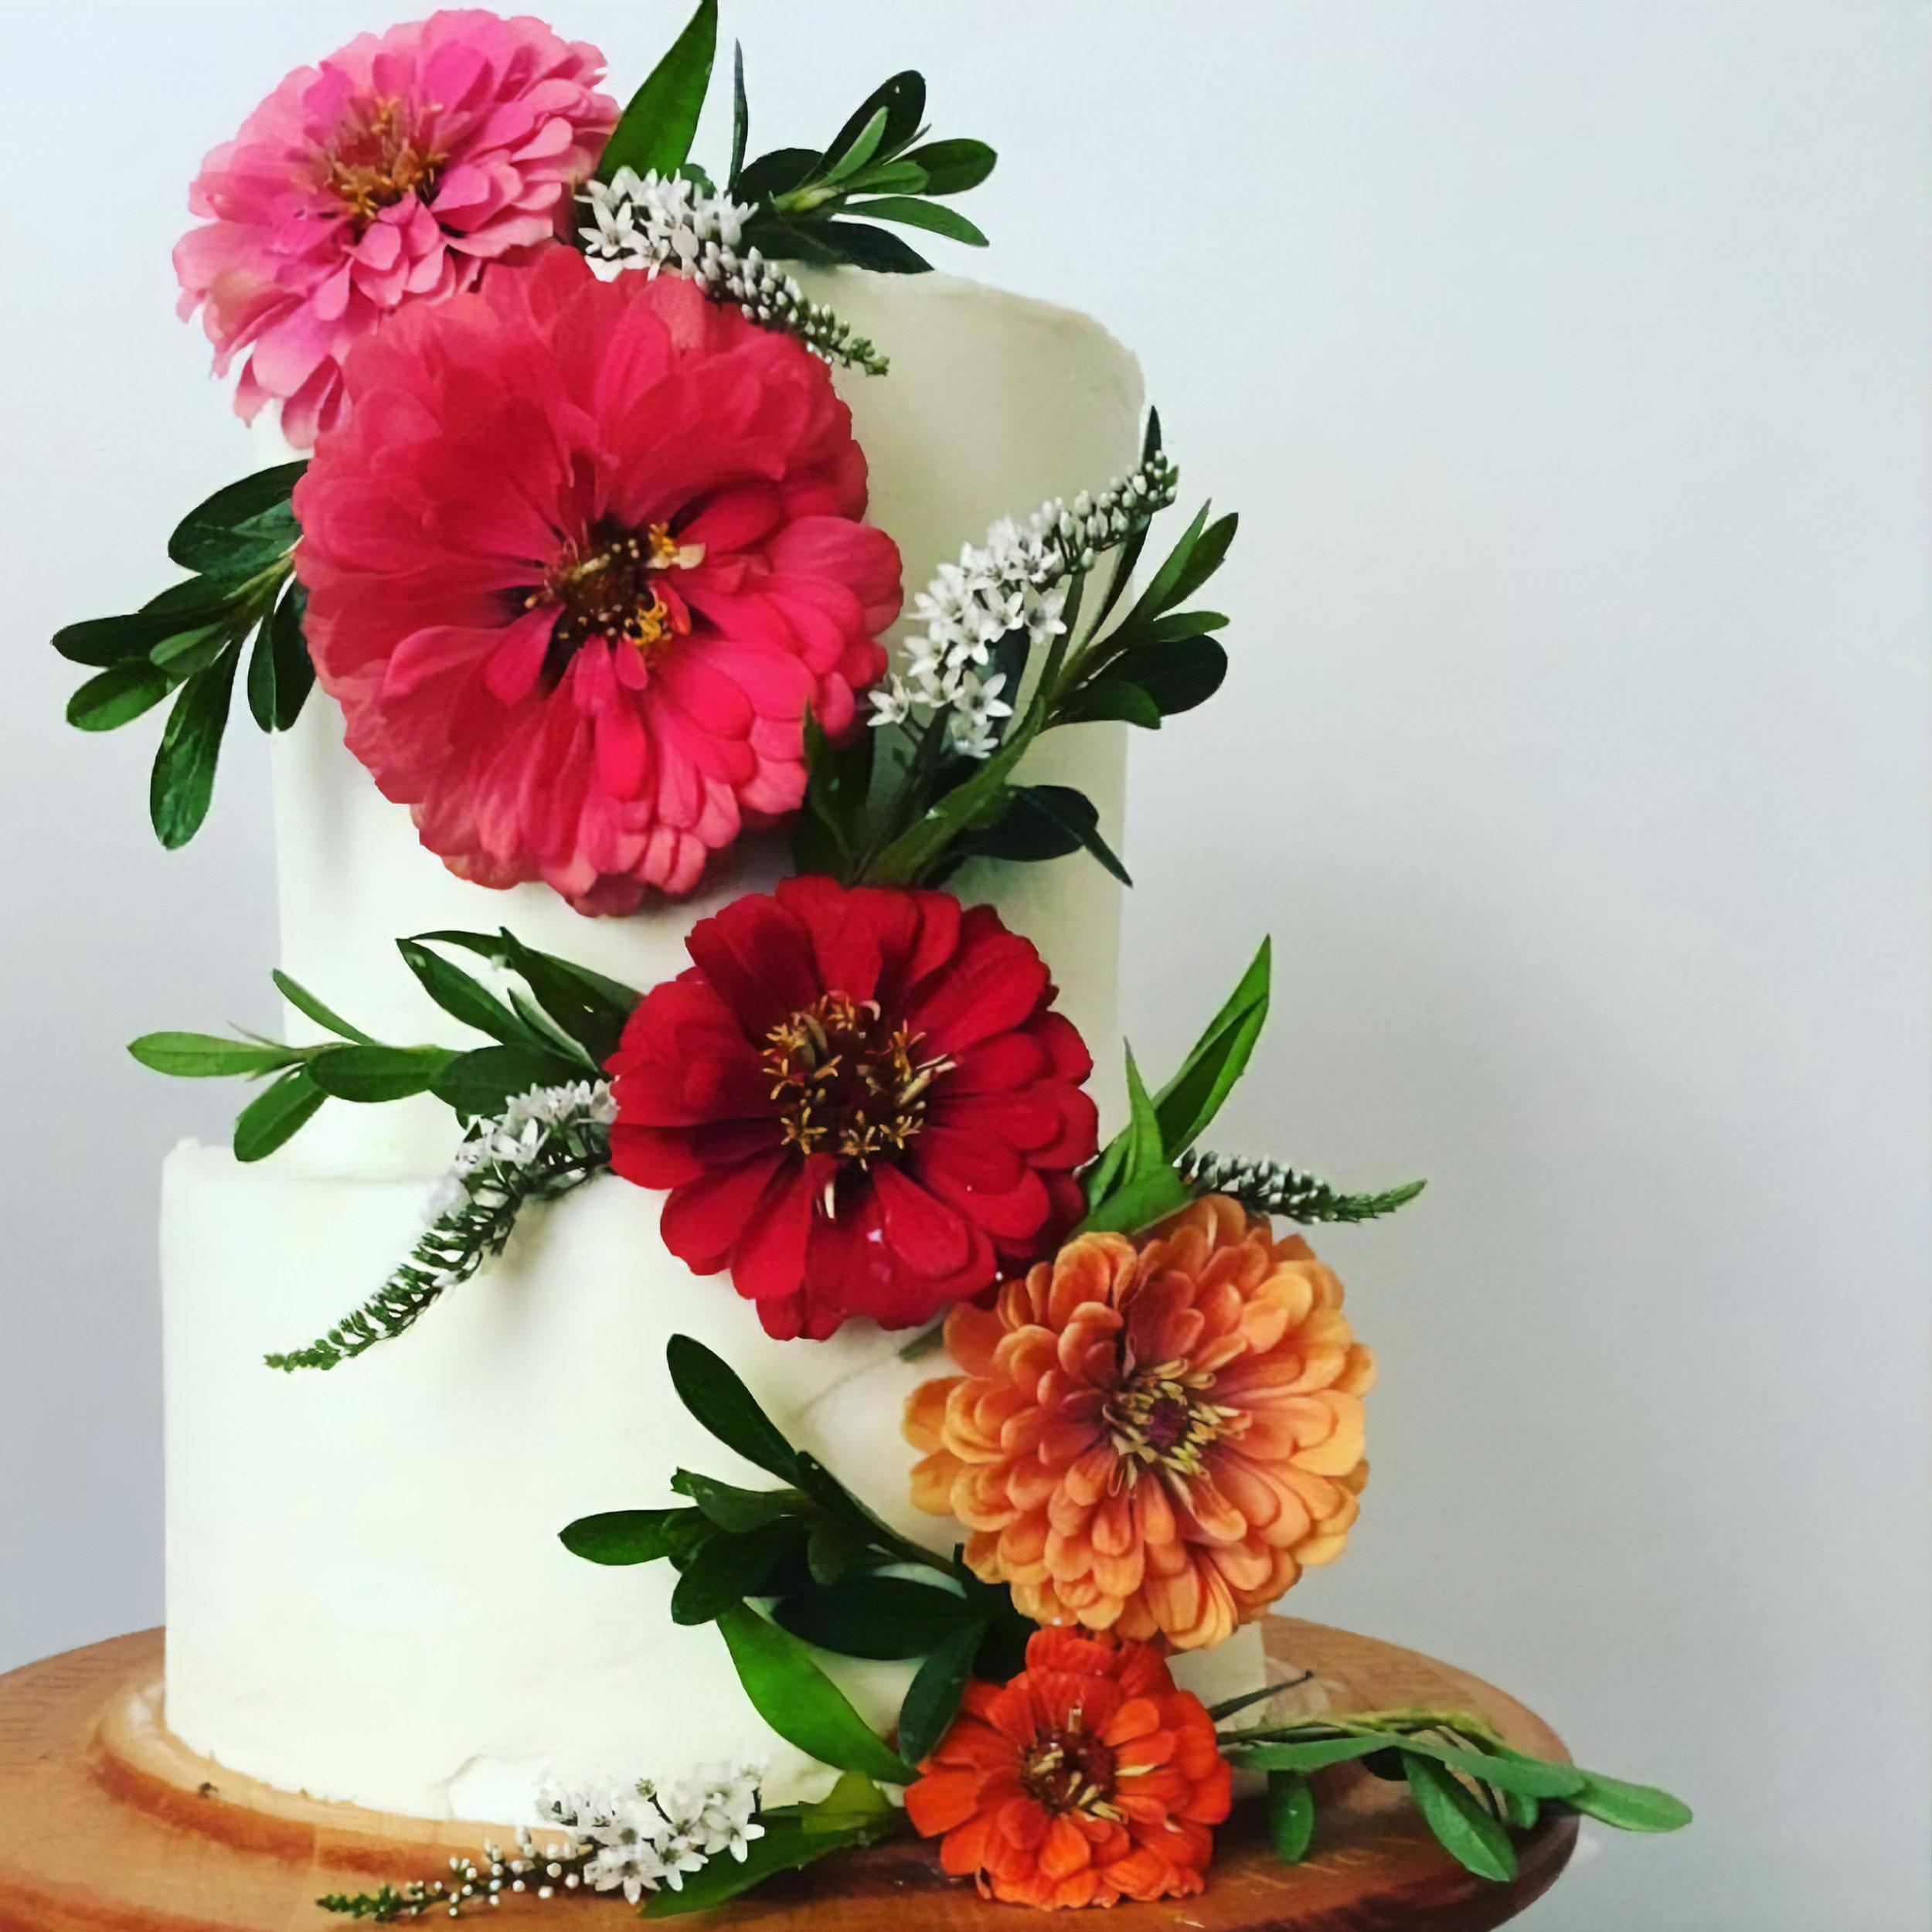 Cakes_Header.jpg